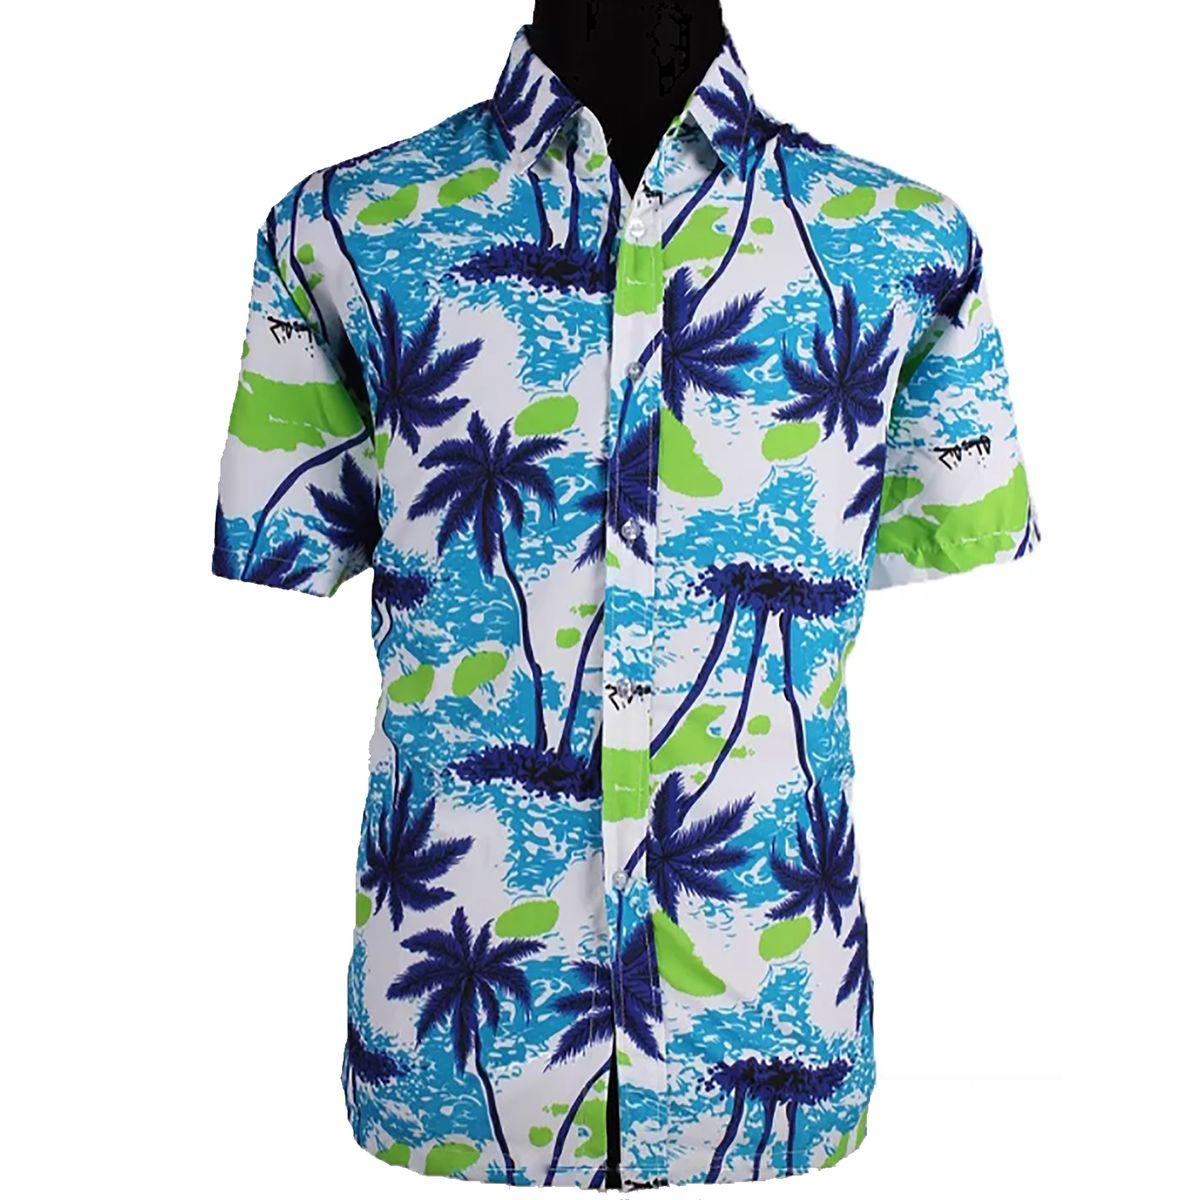 Sommer Herren Hawaiihemd mit Palmen-Beach-Motiv Gr. M-XXXL blau lässiges Urlaubs-Outfit